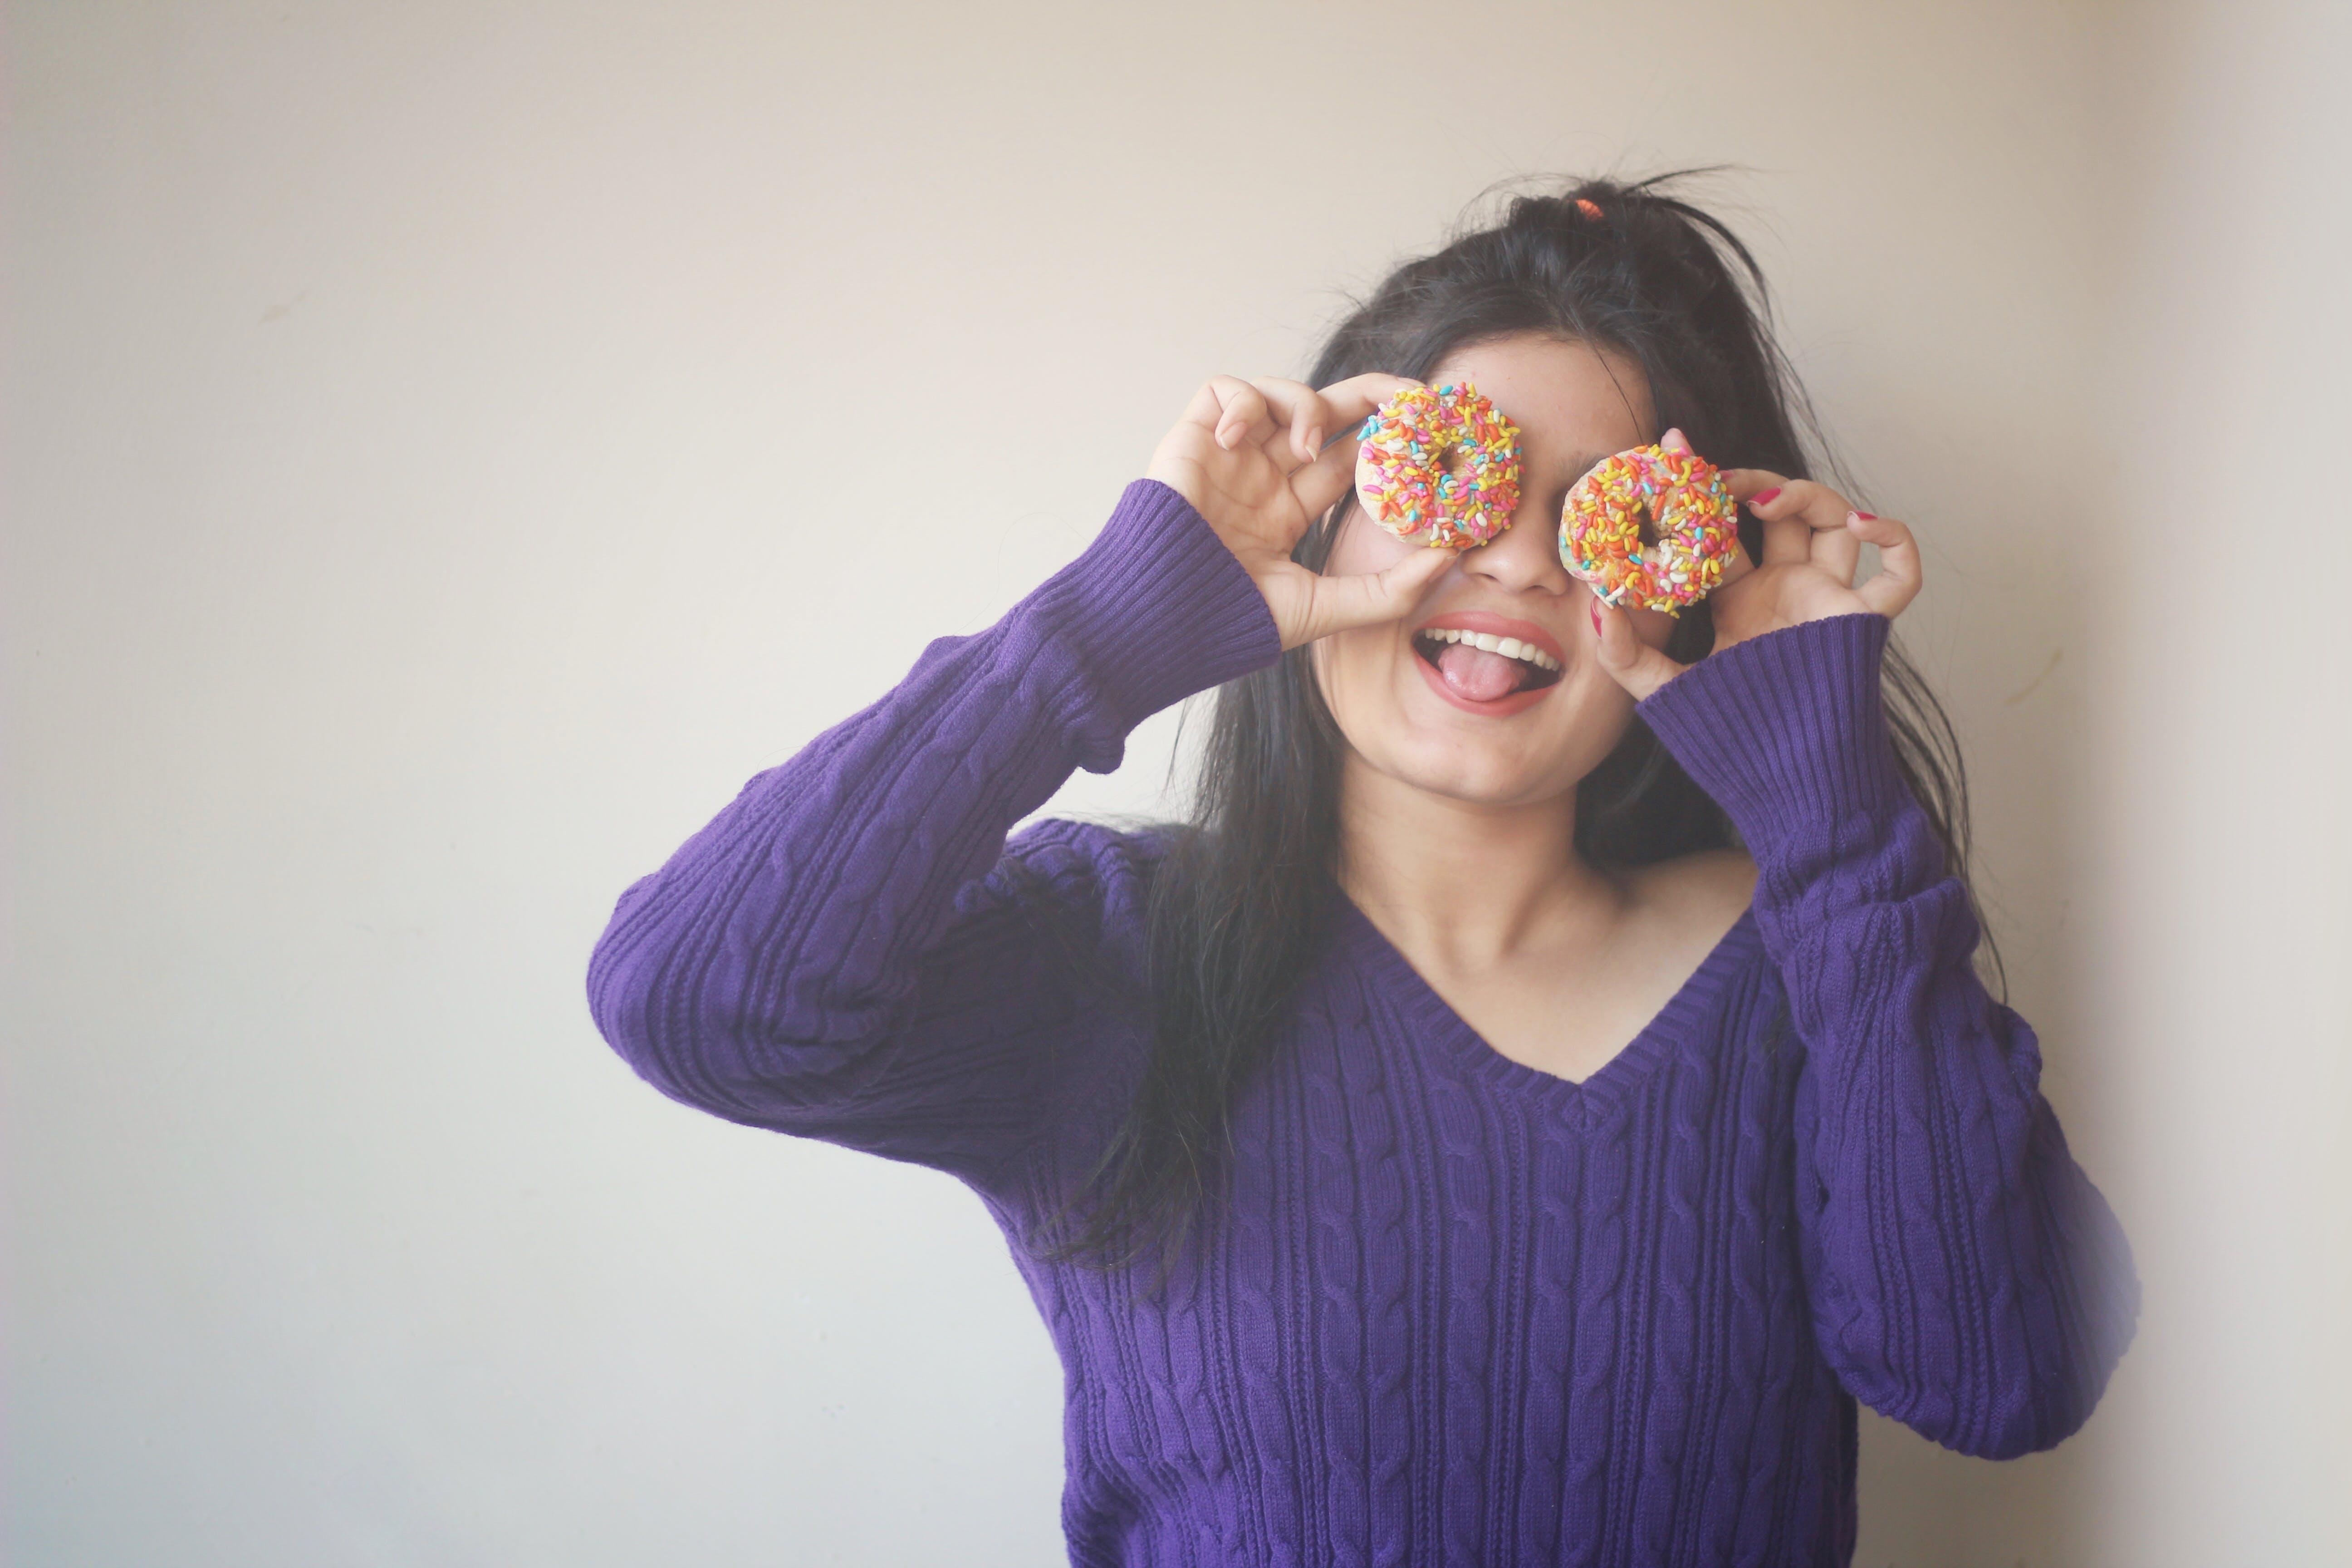 Kostenloses Stock Foto zu donuts, frau, komisch, person